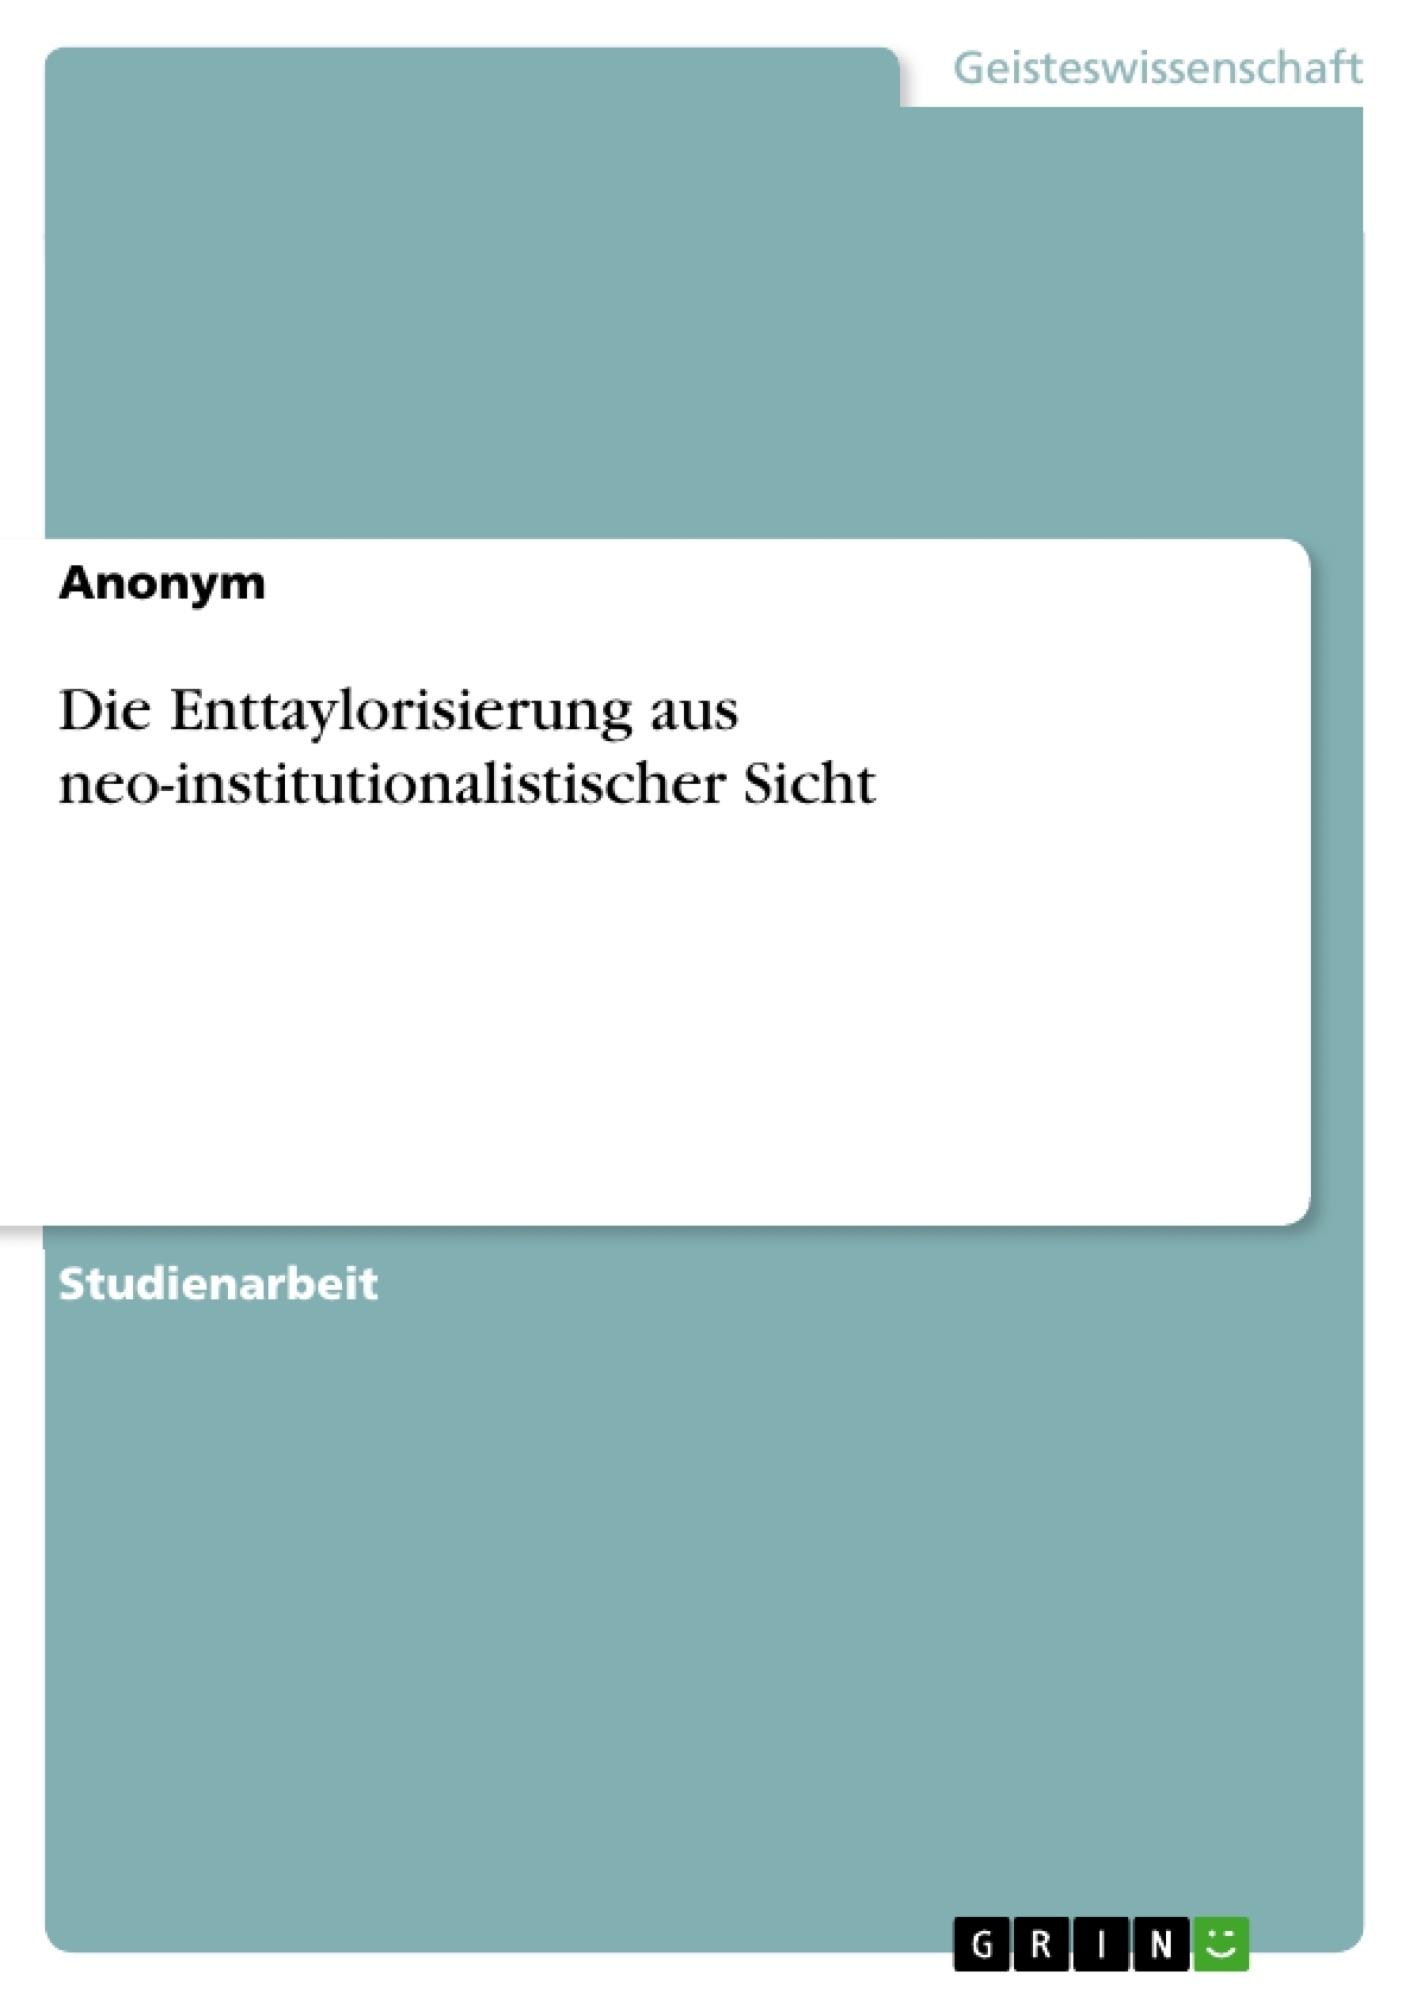 Titel: Die Enttaylorisierung aus neo-institutionalistischer Sicht